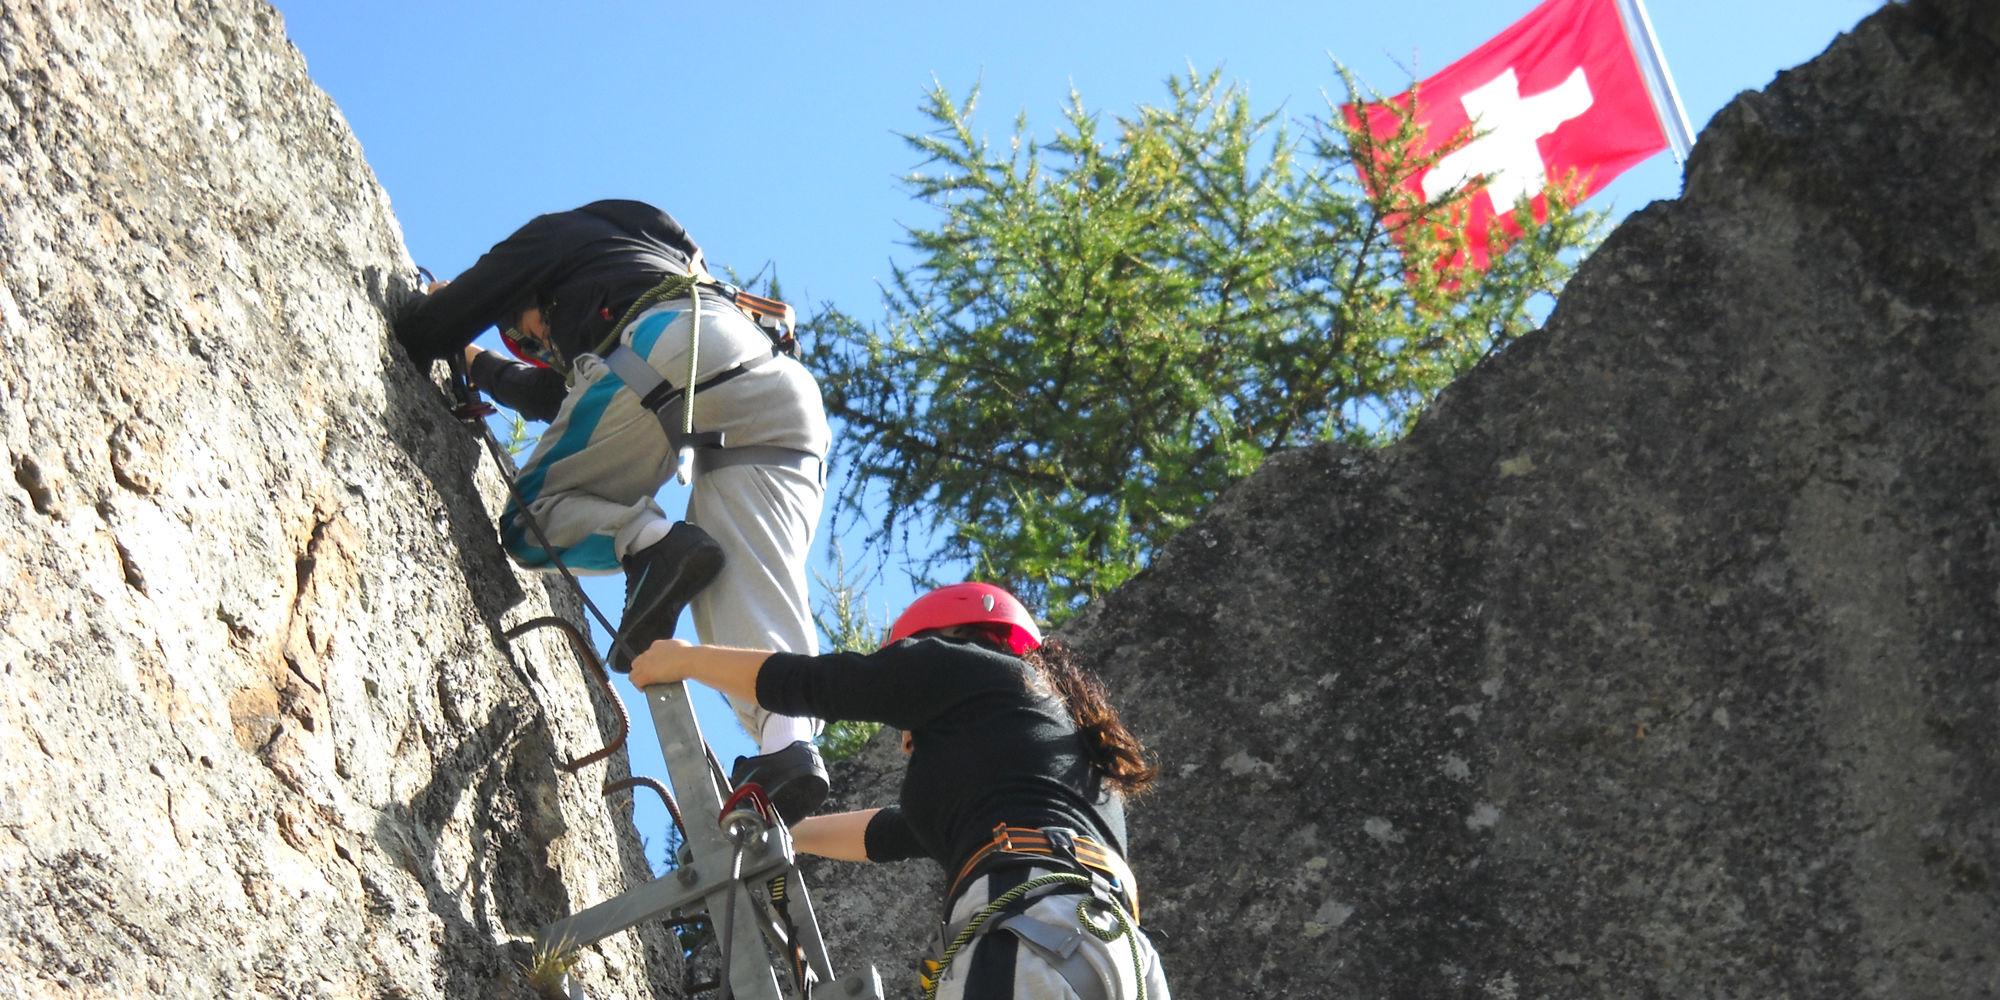 Felsausbildung in der Freien Ferienrepublik Saas-Fee